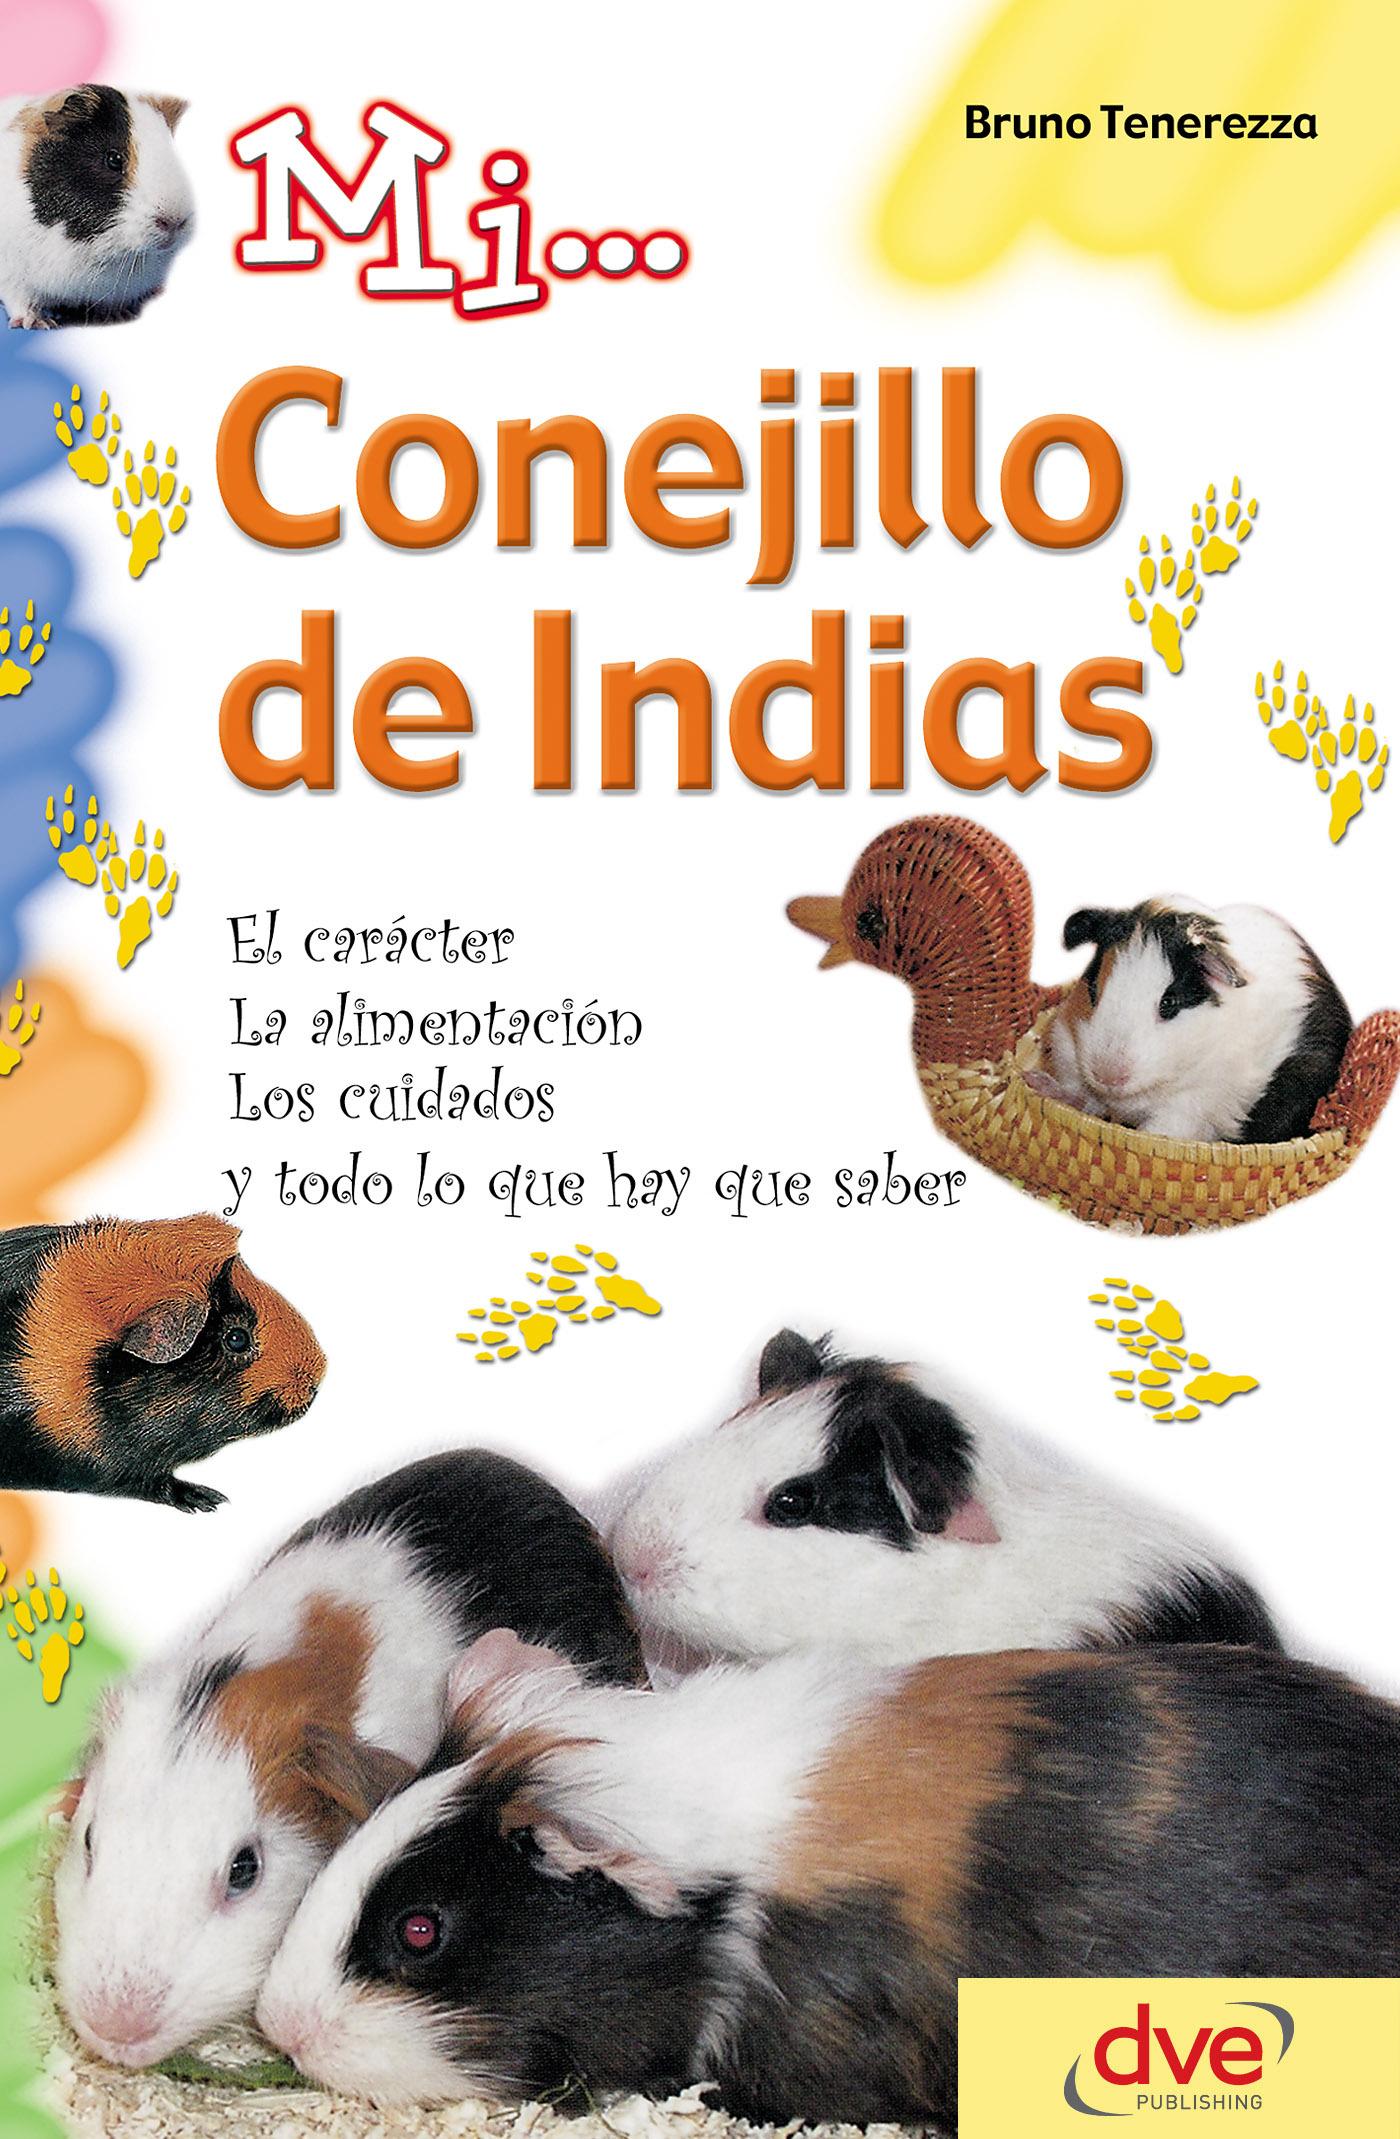 Tenerezza, Bruno - Mi... conejillo de indias: El carácter, la alimentación, los cuidados y todo lo que hay que saber, ebook